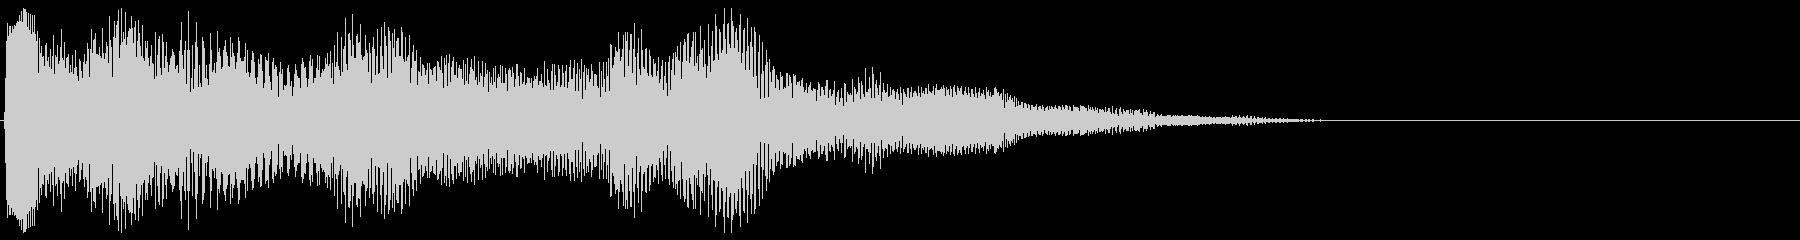 サウンドロゴ (柔らかく 低い)の未再生の波形